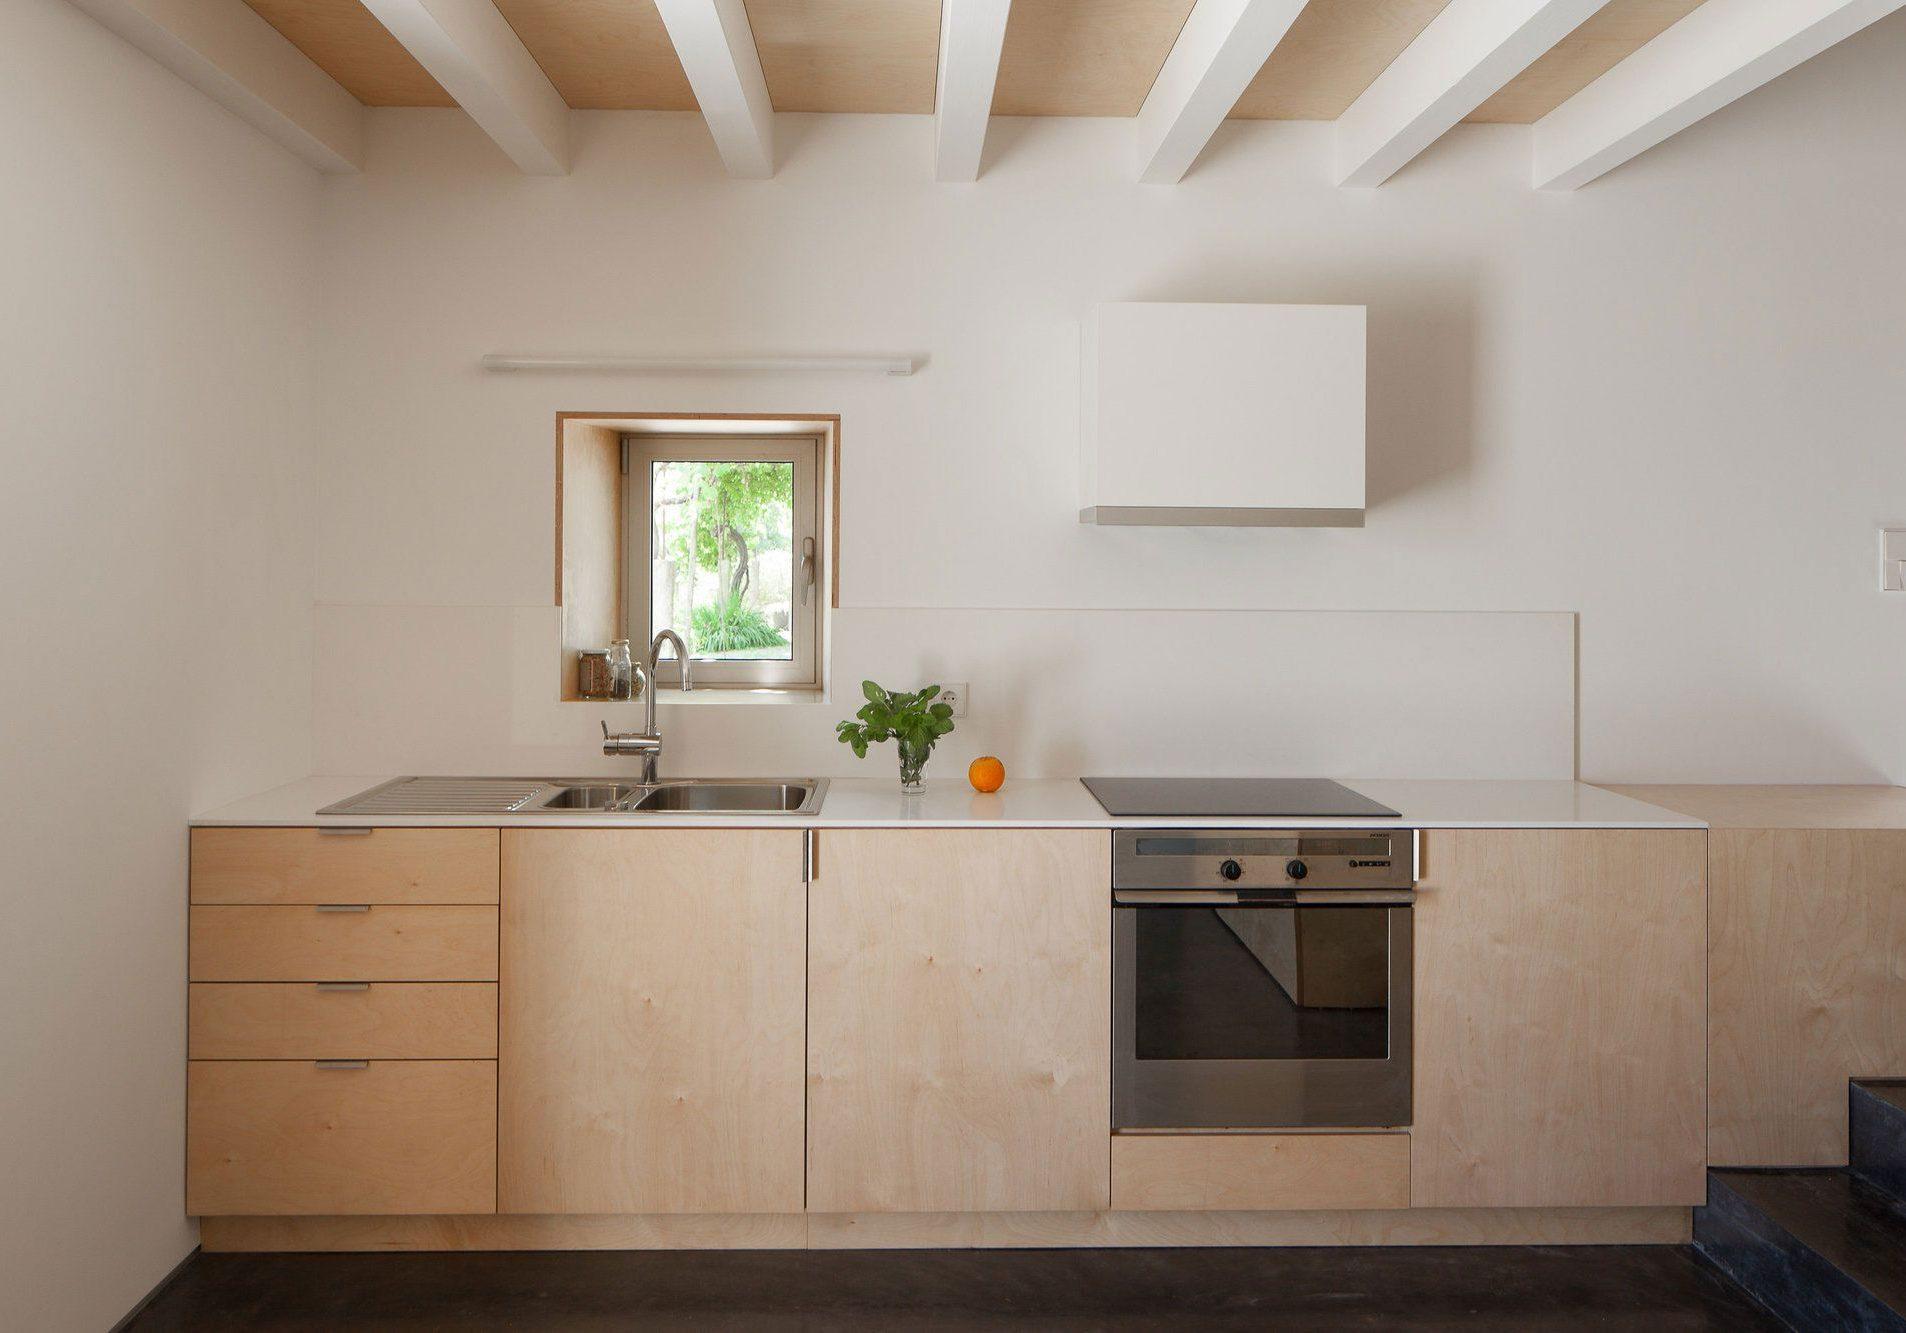 Небольшая кухня из фанеры для дома